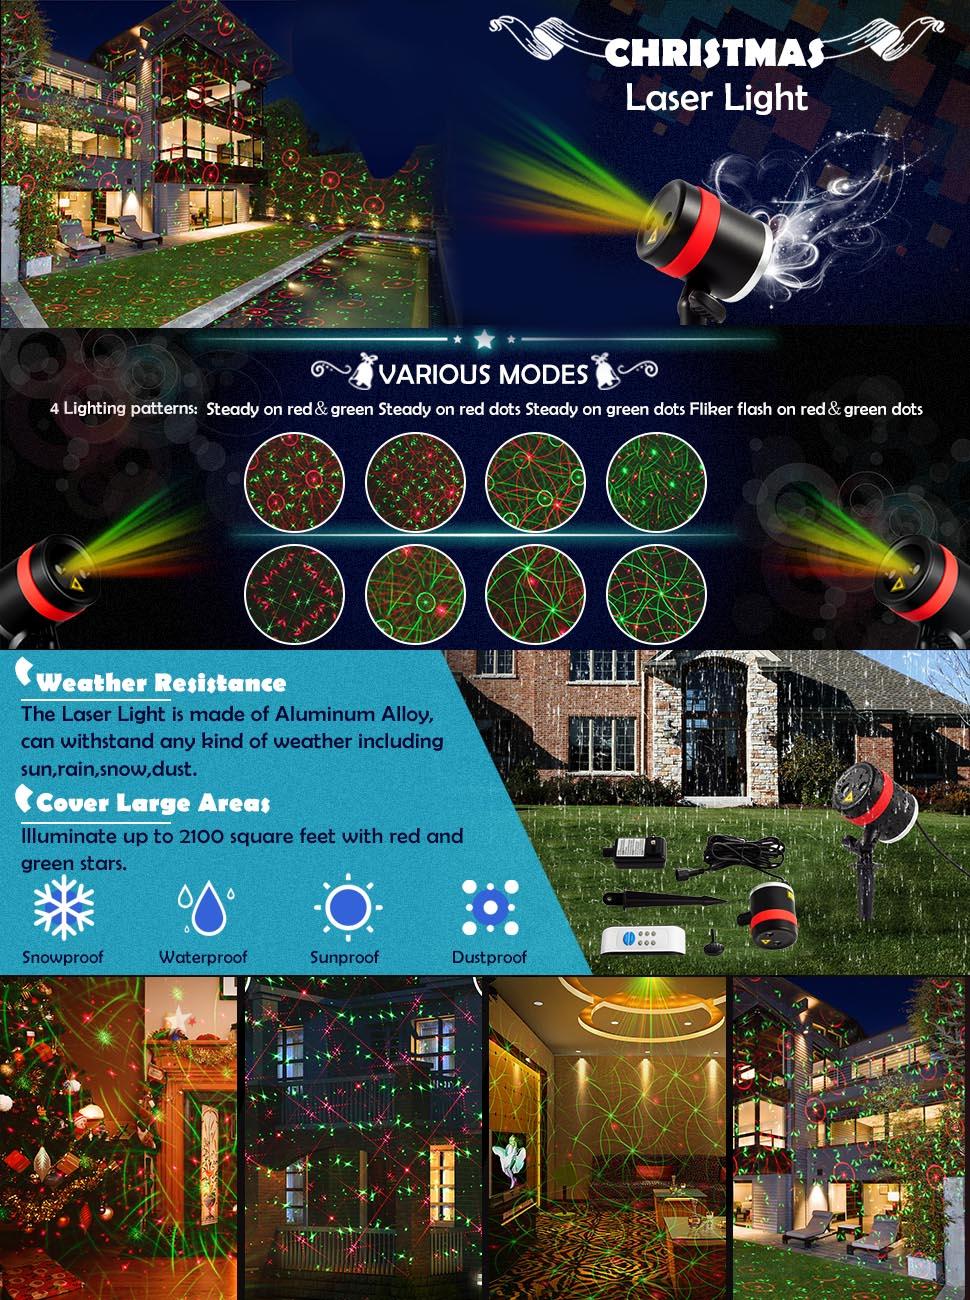 Amazon.com: SKONYON Christmas Laser Lishts Outdoor Star Lights ...